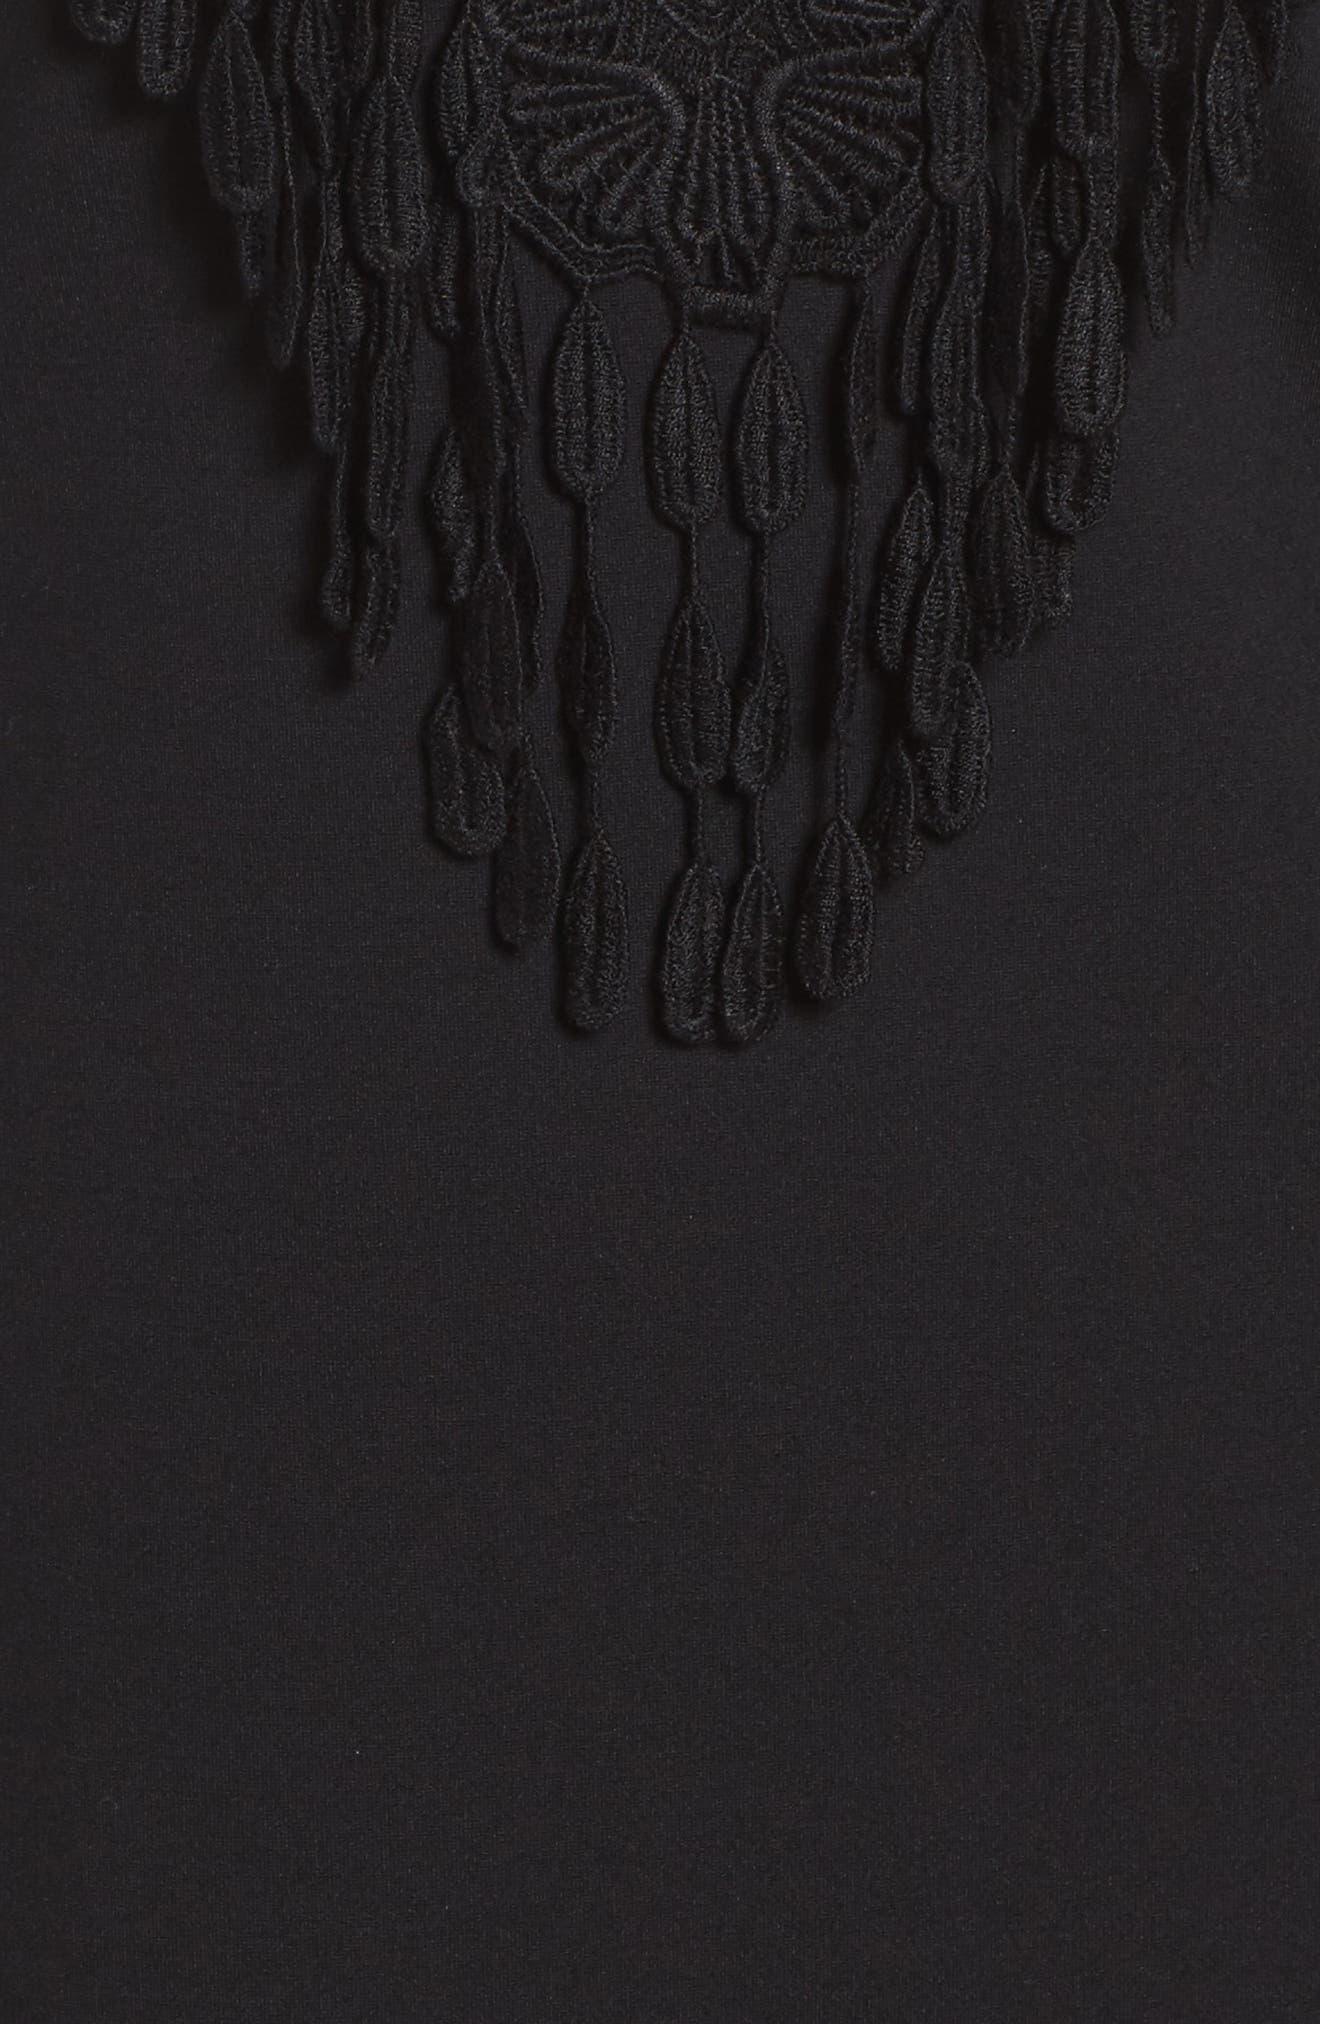 Brie Double Knit Shift Dress,                             Alternate thumbnail 5, color,                             001